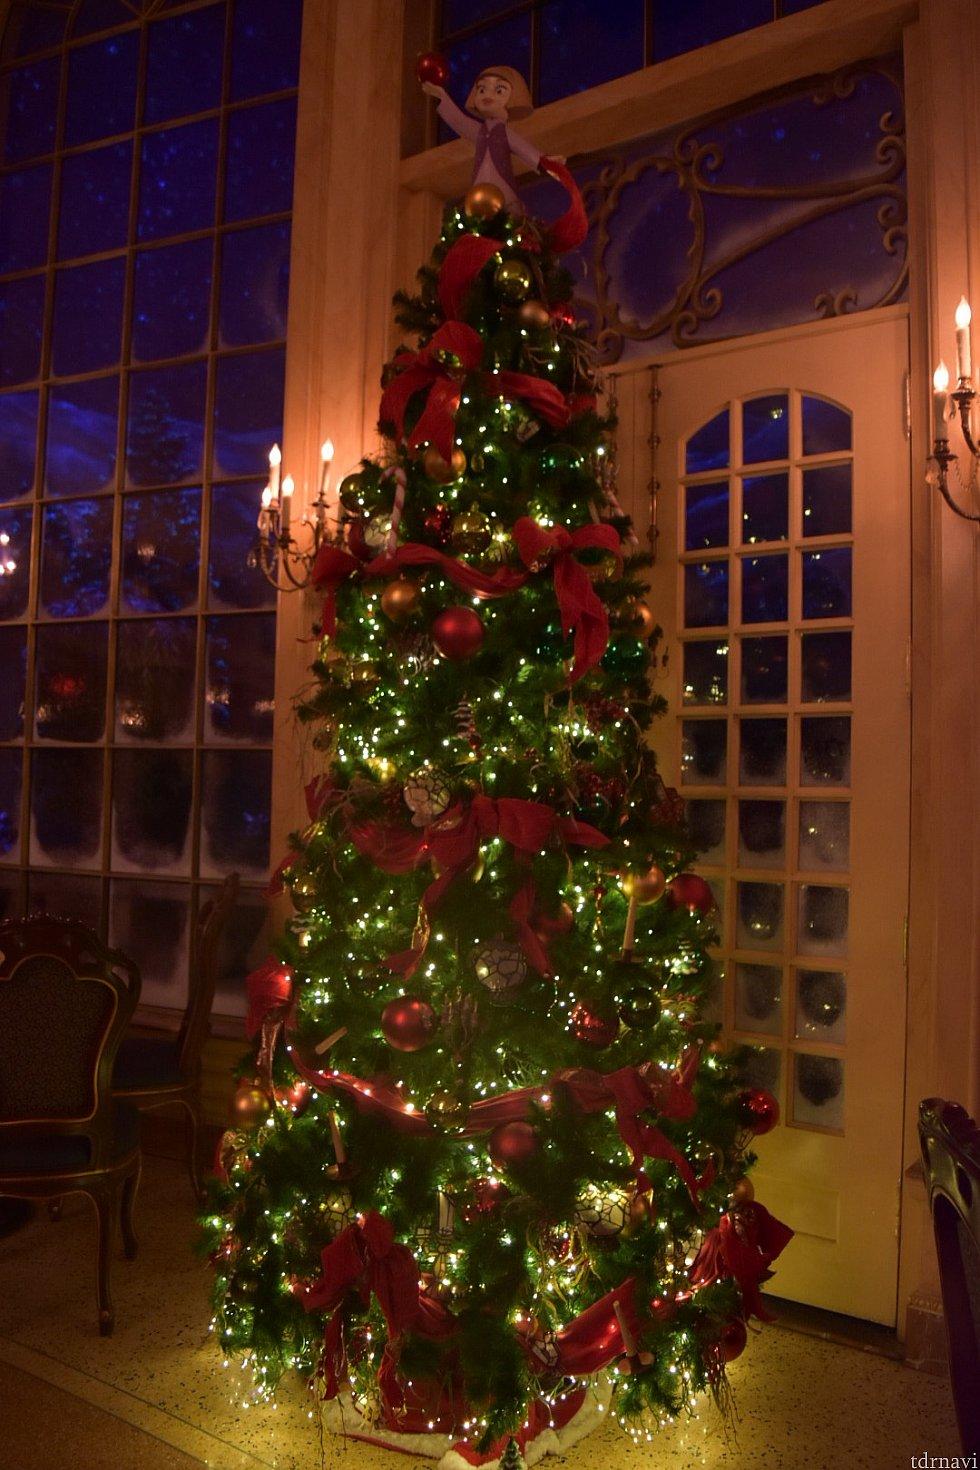 クリスマスの時期だったので大きなツリーが飾られていました!後ろの景色は全て映像!